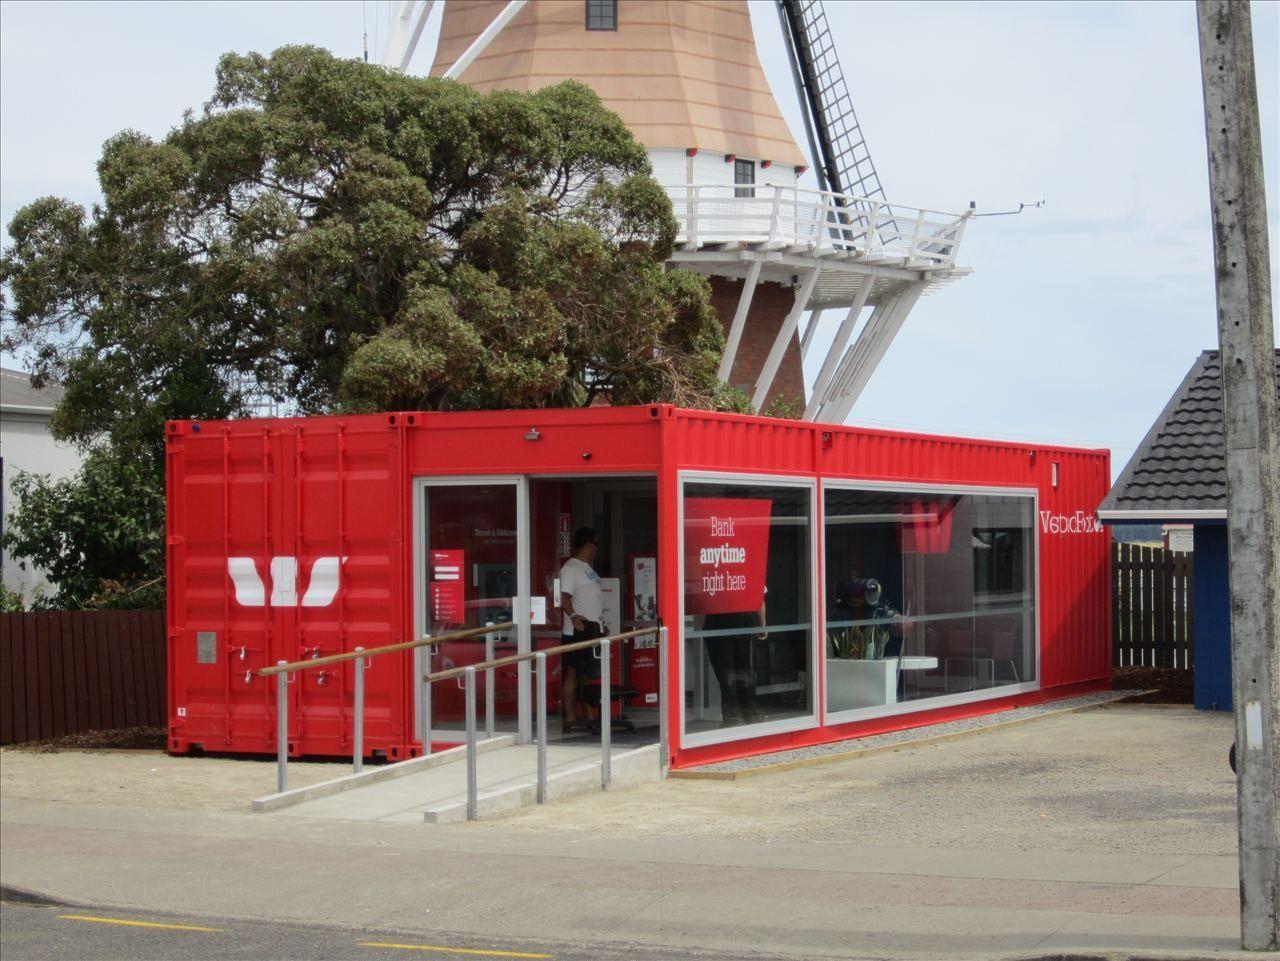 Conteneur commercial pour bureau westpac mobile bank branch